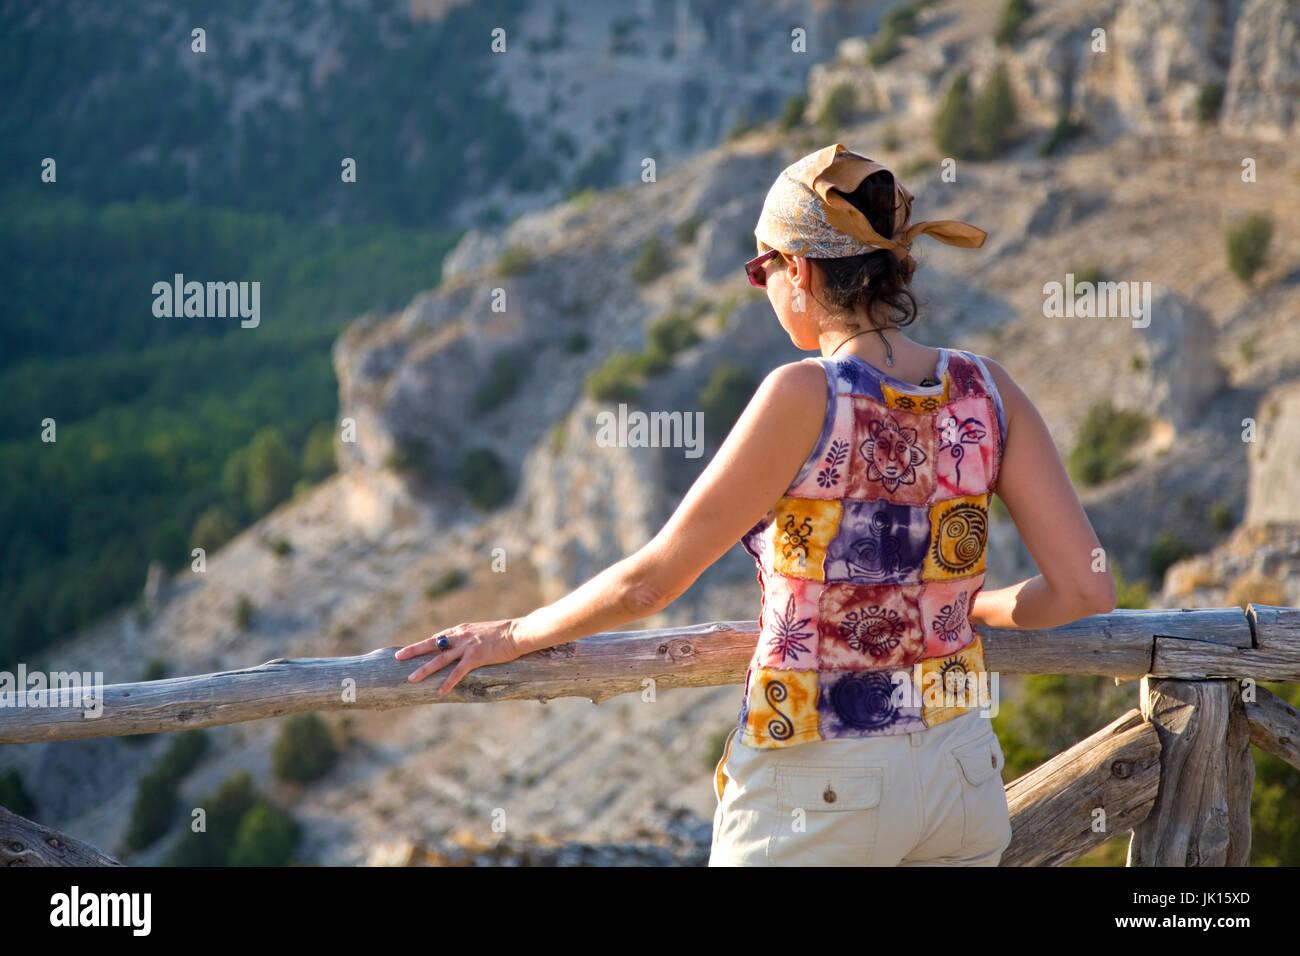 Woman in La Galiana viewpoint. Cañon del  Rio Lobos  Natural Park . Soria province, Castilla y Leon, Spain, - Stock Image